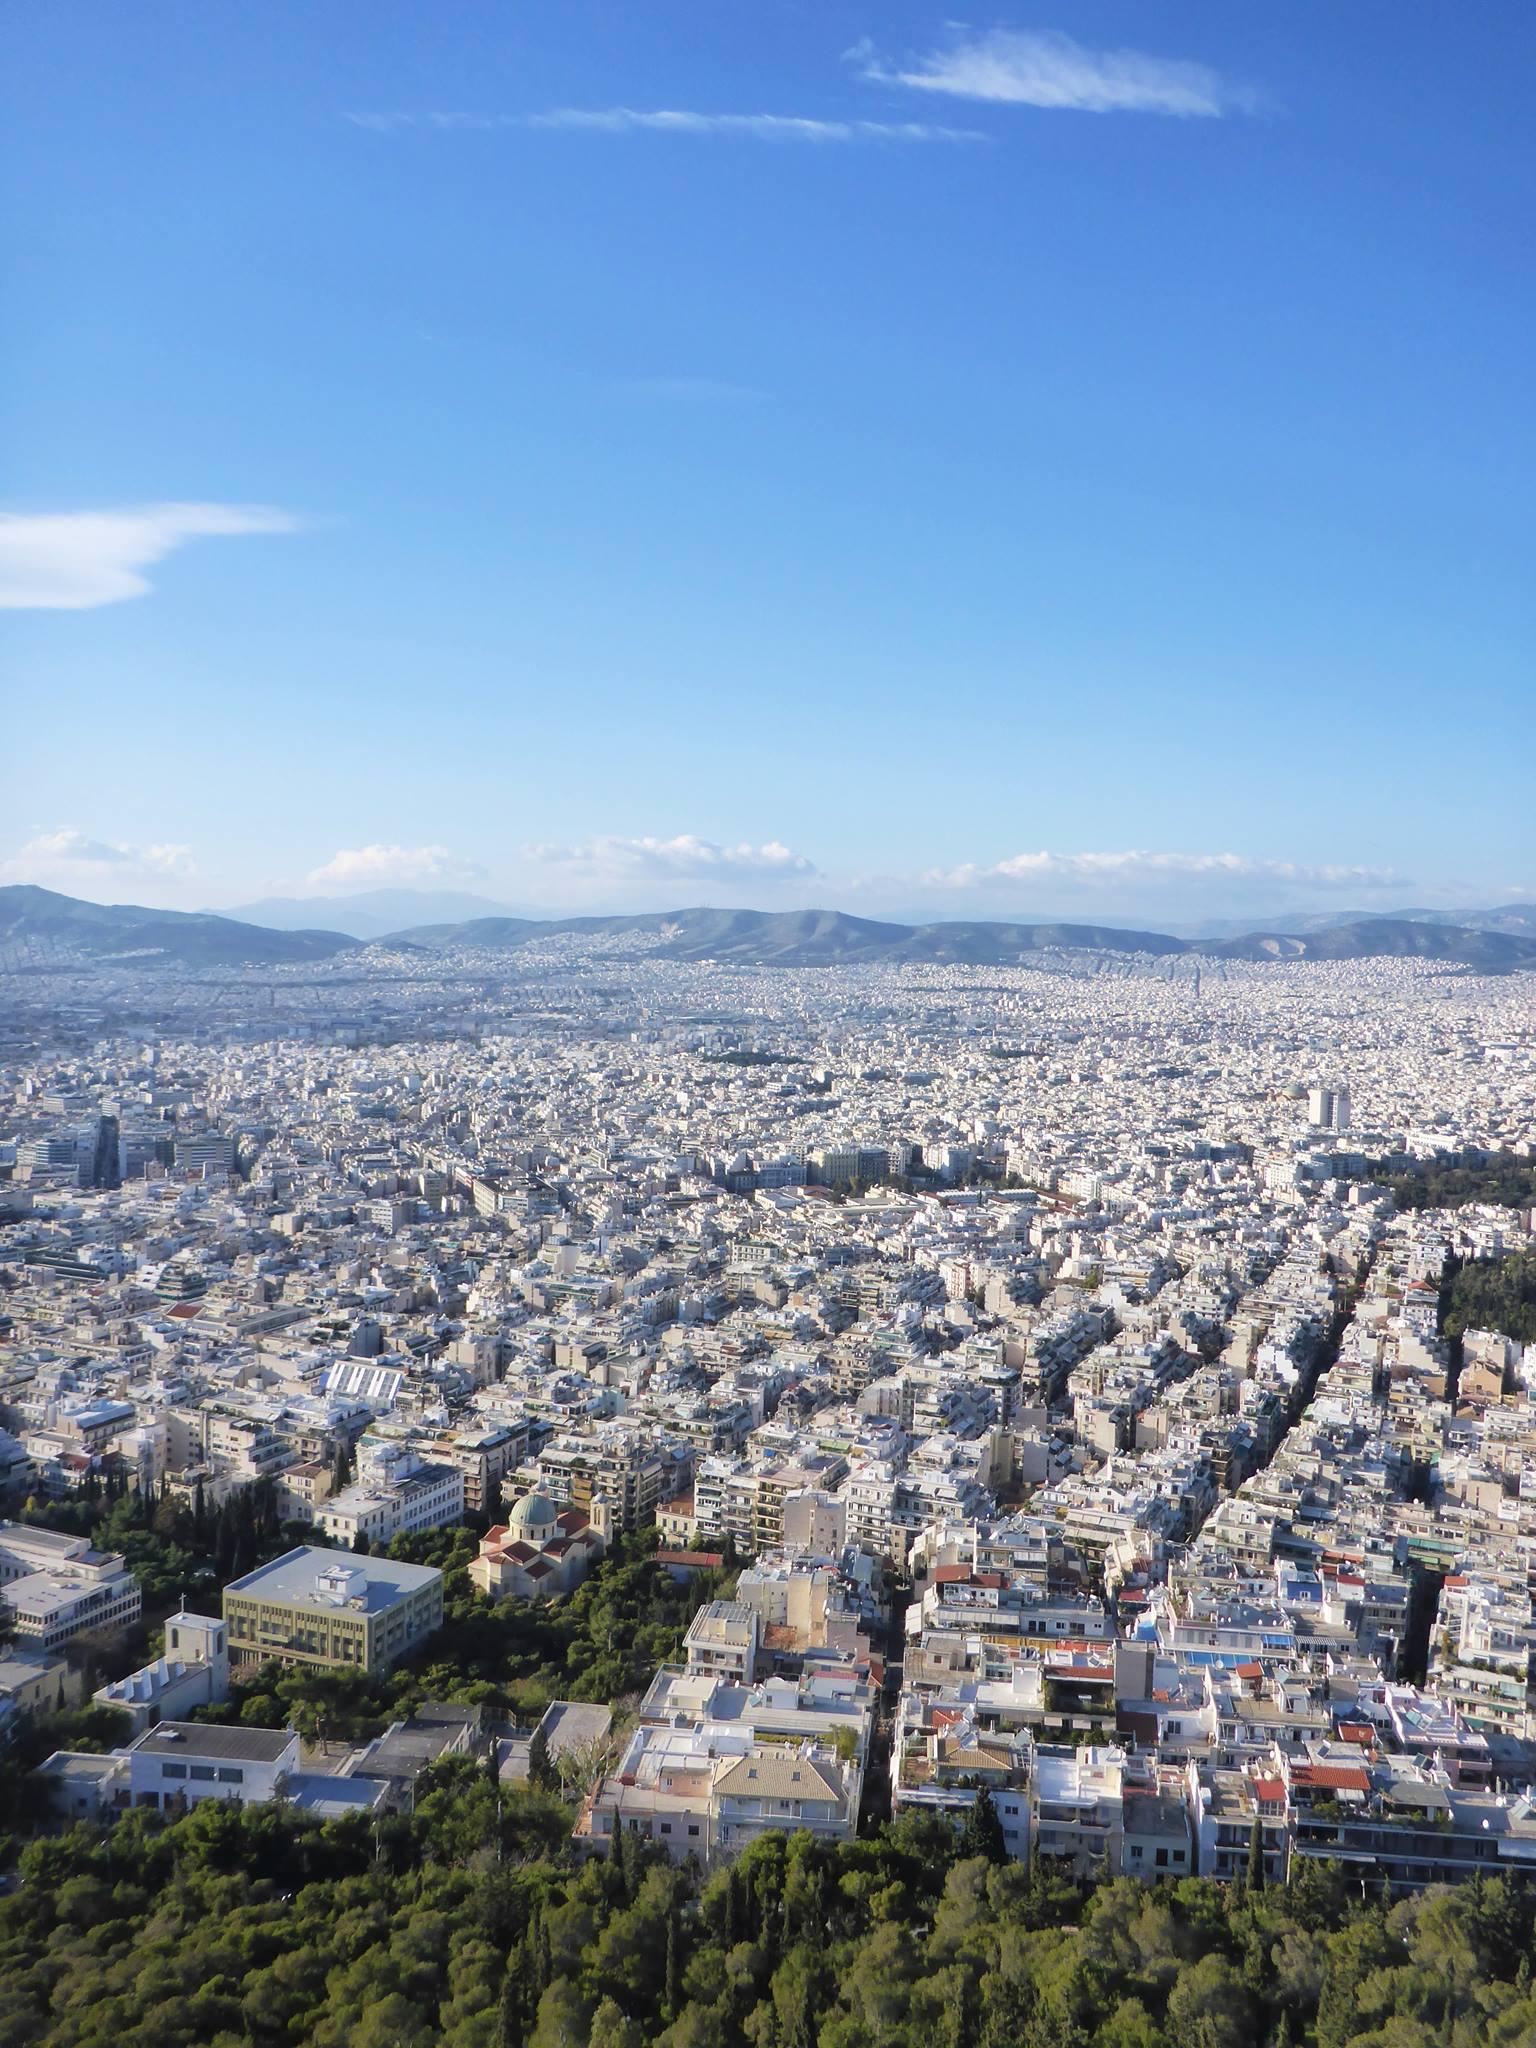 Je fais ensuite une pause dans ma marche et me rends en train à Athènes afin de retrouver ma maraine qui y vit ainsi que ma famille venu de france pour célèbrer noël avec moi